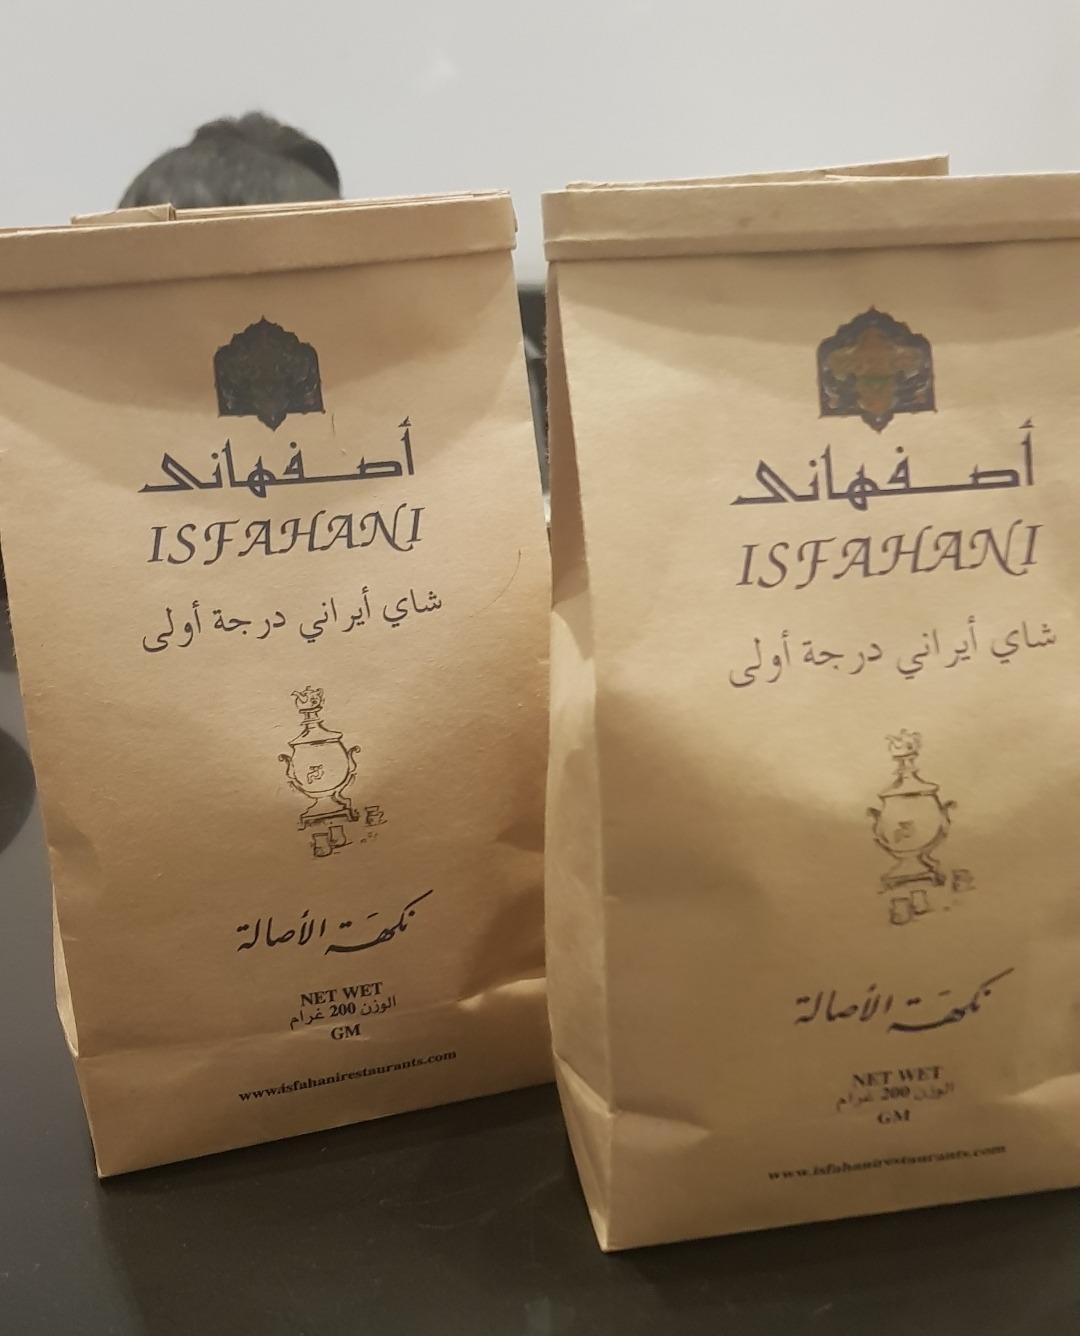 أصفهاني - البحرين